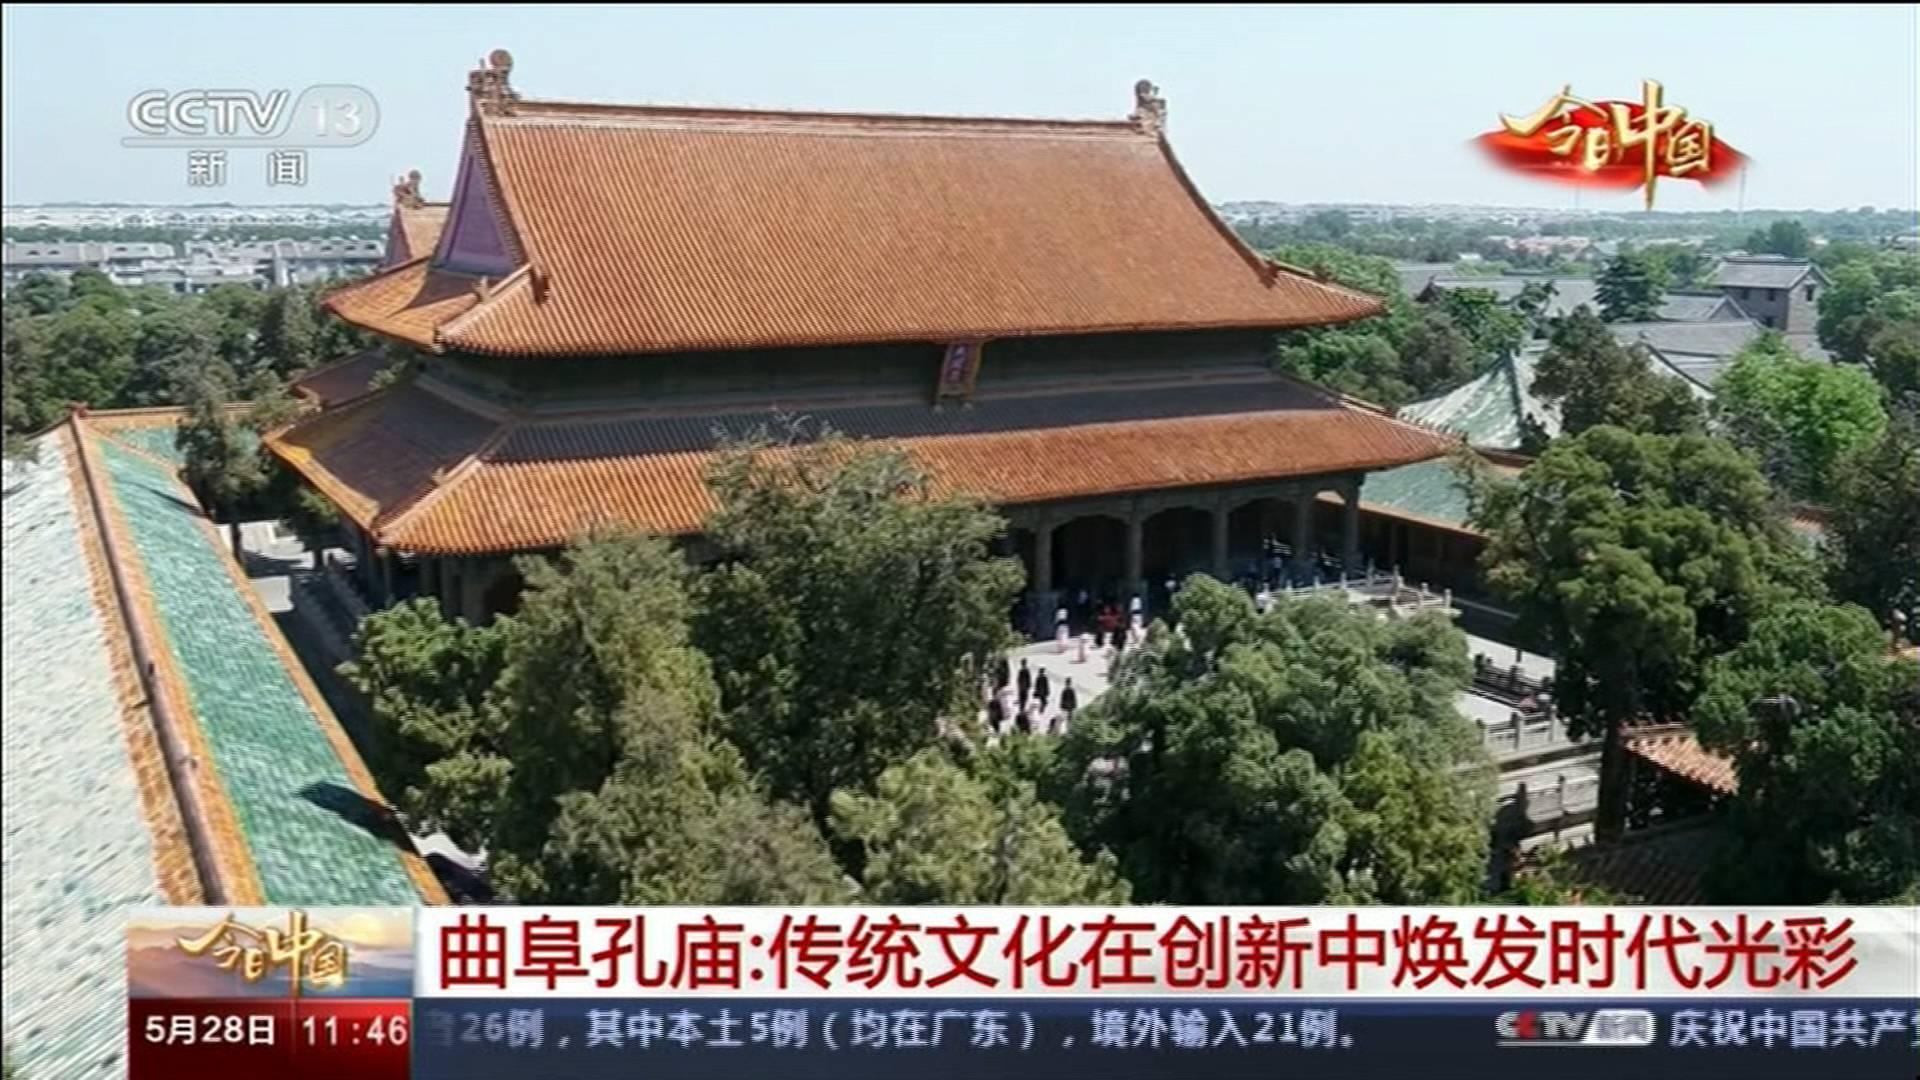 今日中国·山东篇丨曲阜孔庙:优秀传统文化在传承创新中焕发时代光彩